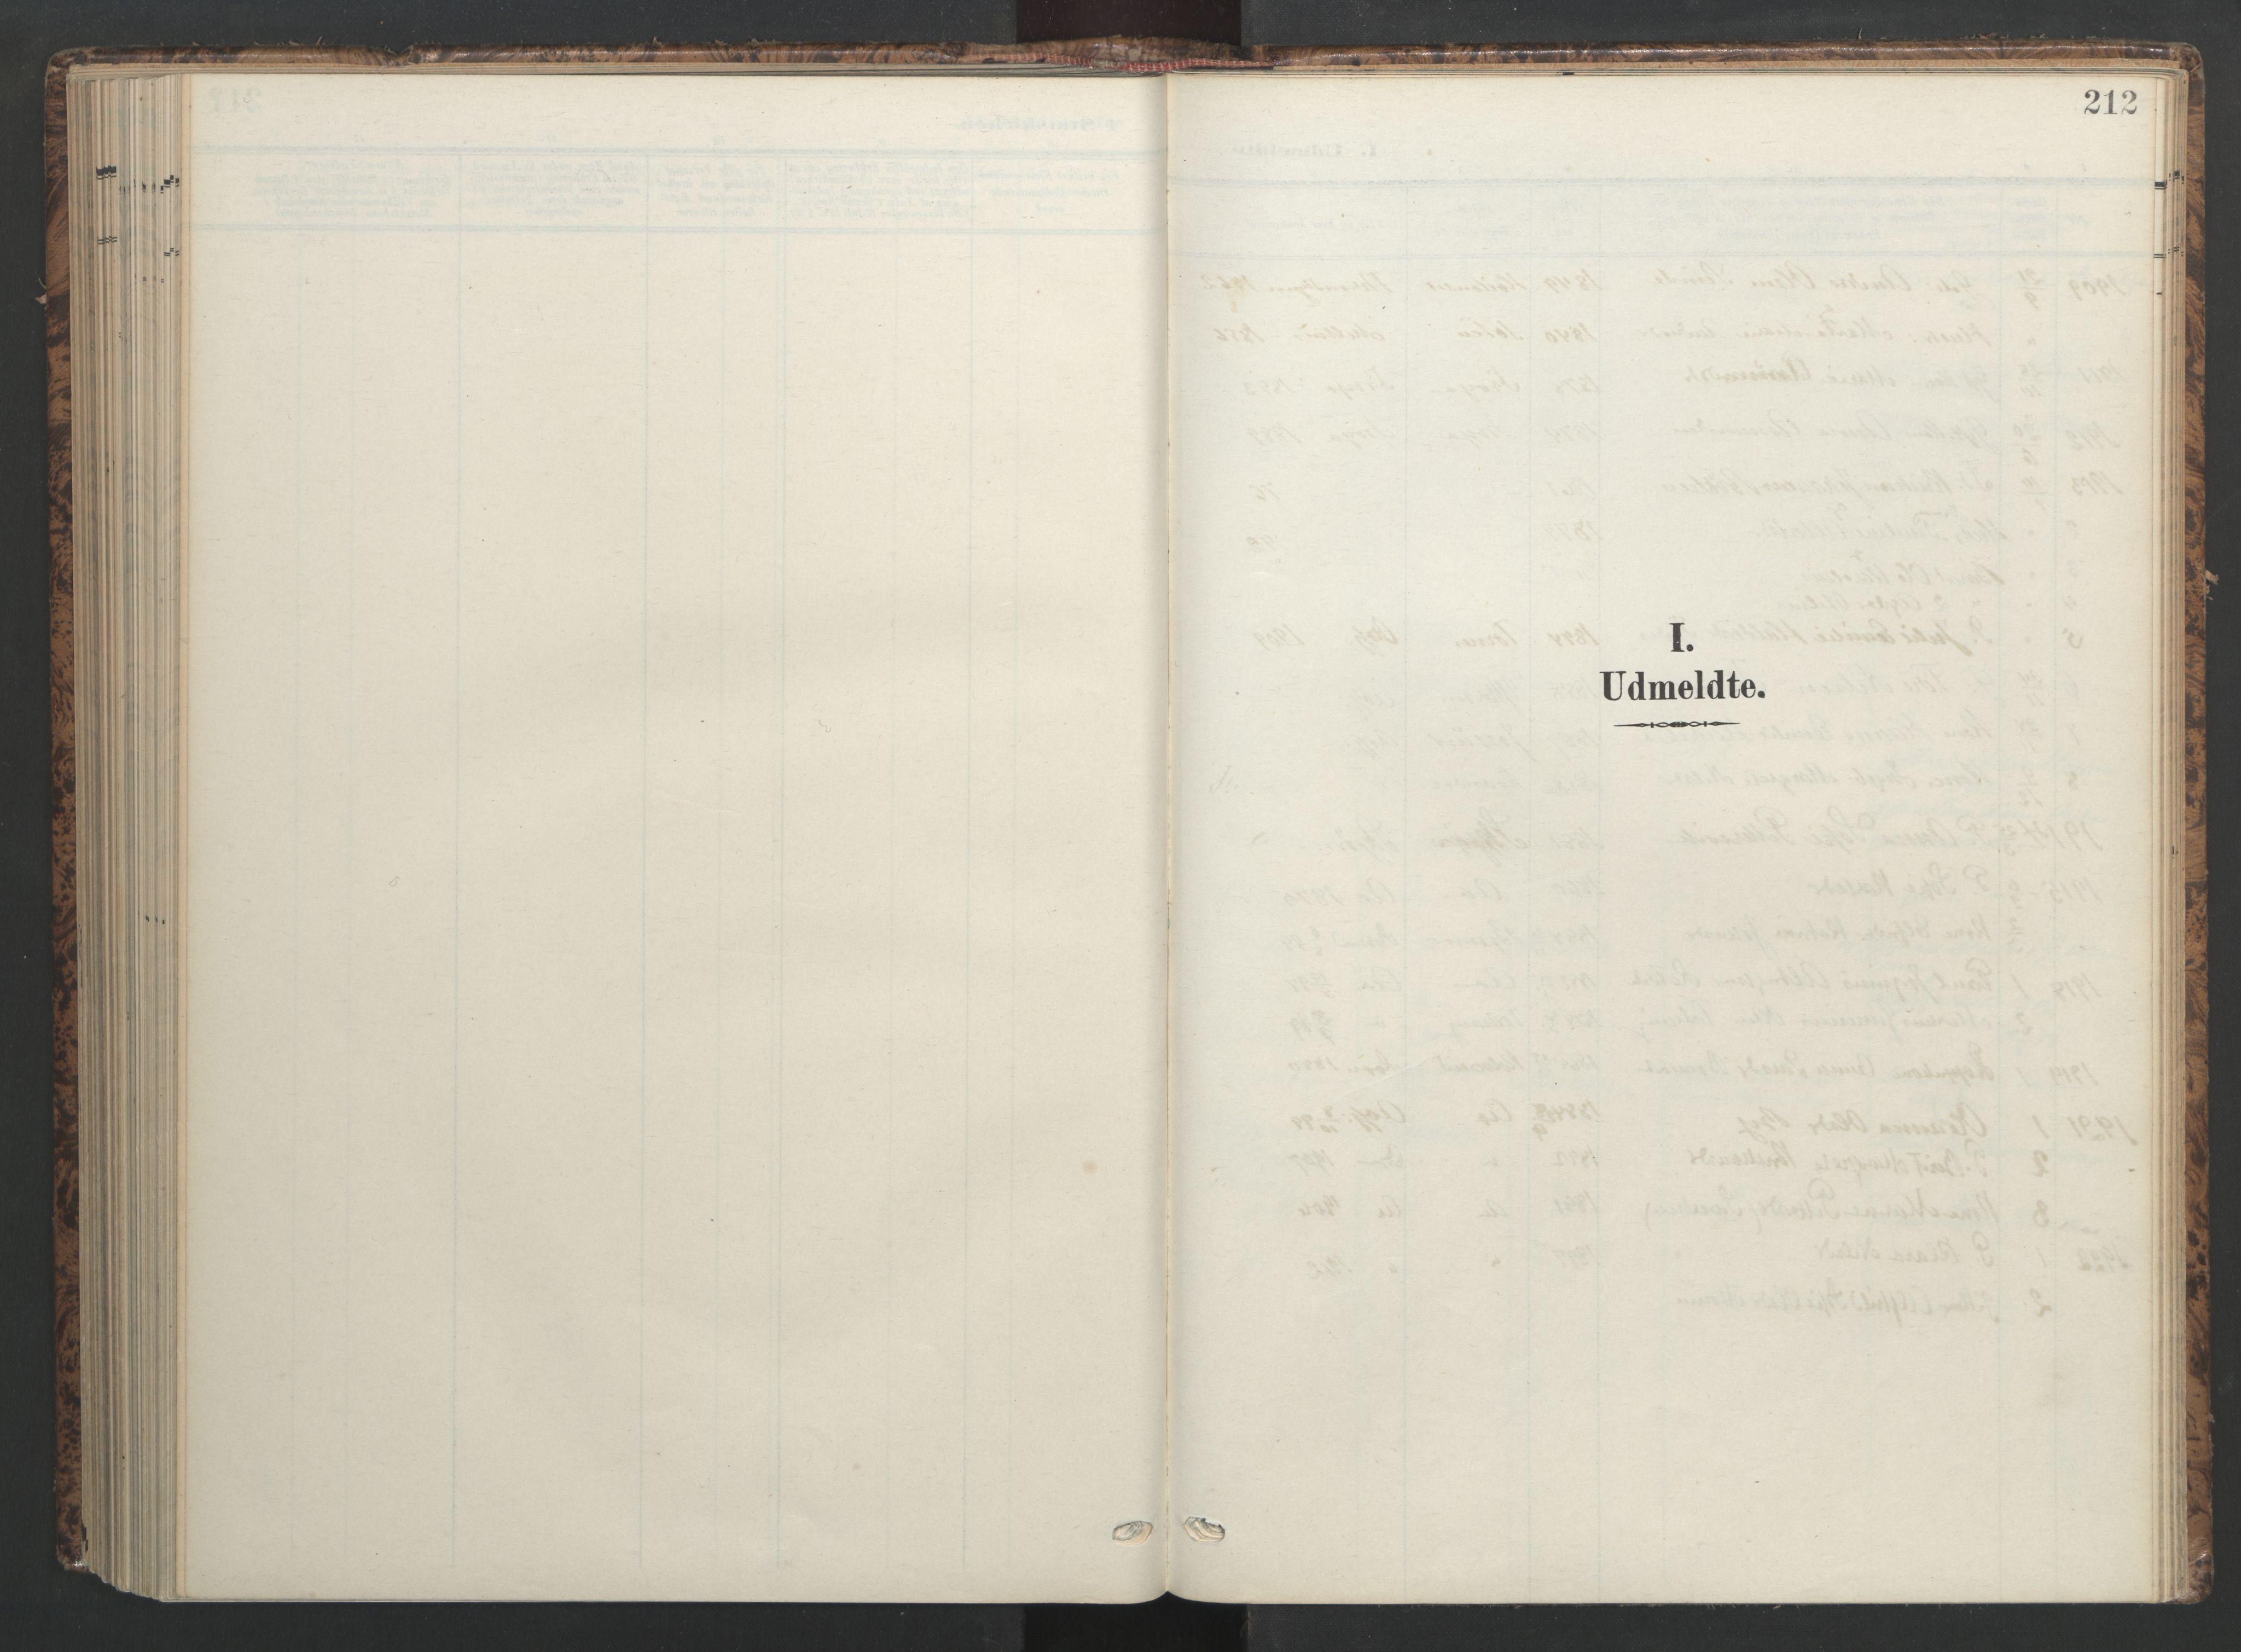 SAT, Ministerialprotokoller, klokkerbøker og fødselsregistre - Sør-Trøndelag, 655/L0682: Ministerialbok nr. 655A11, 1908-1922, s. 212